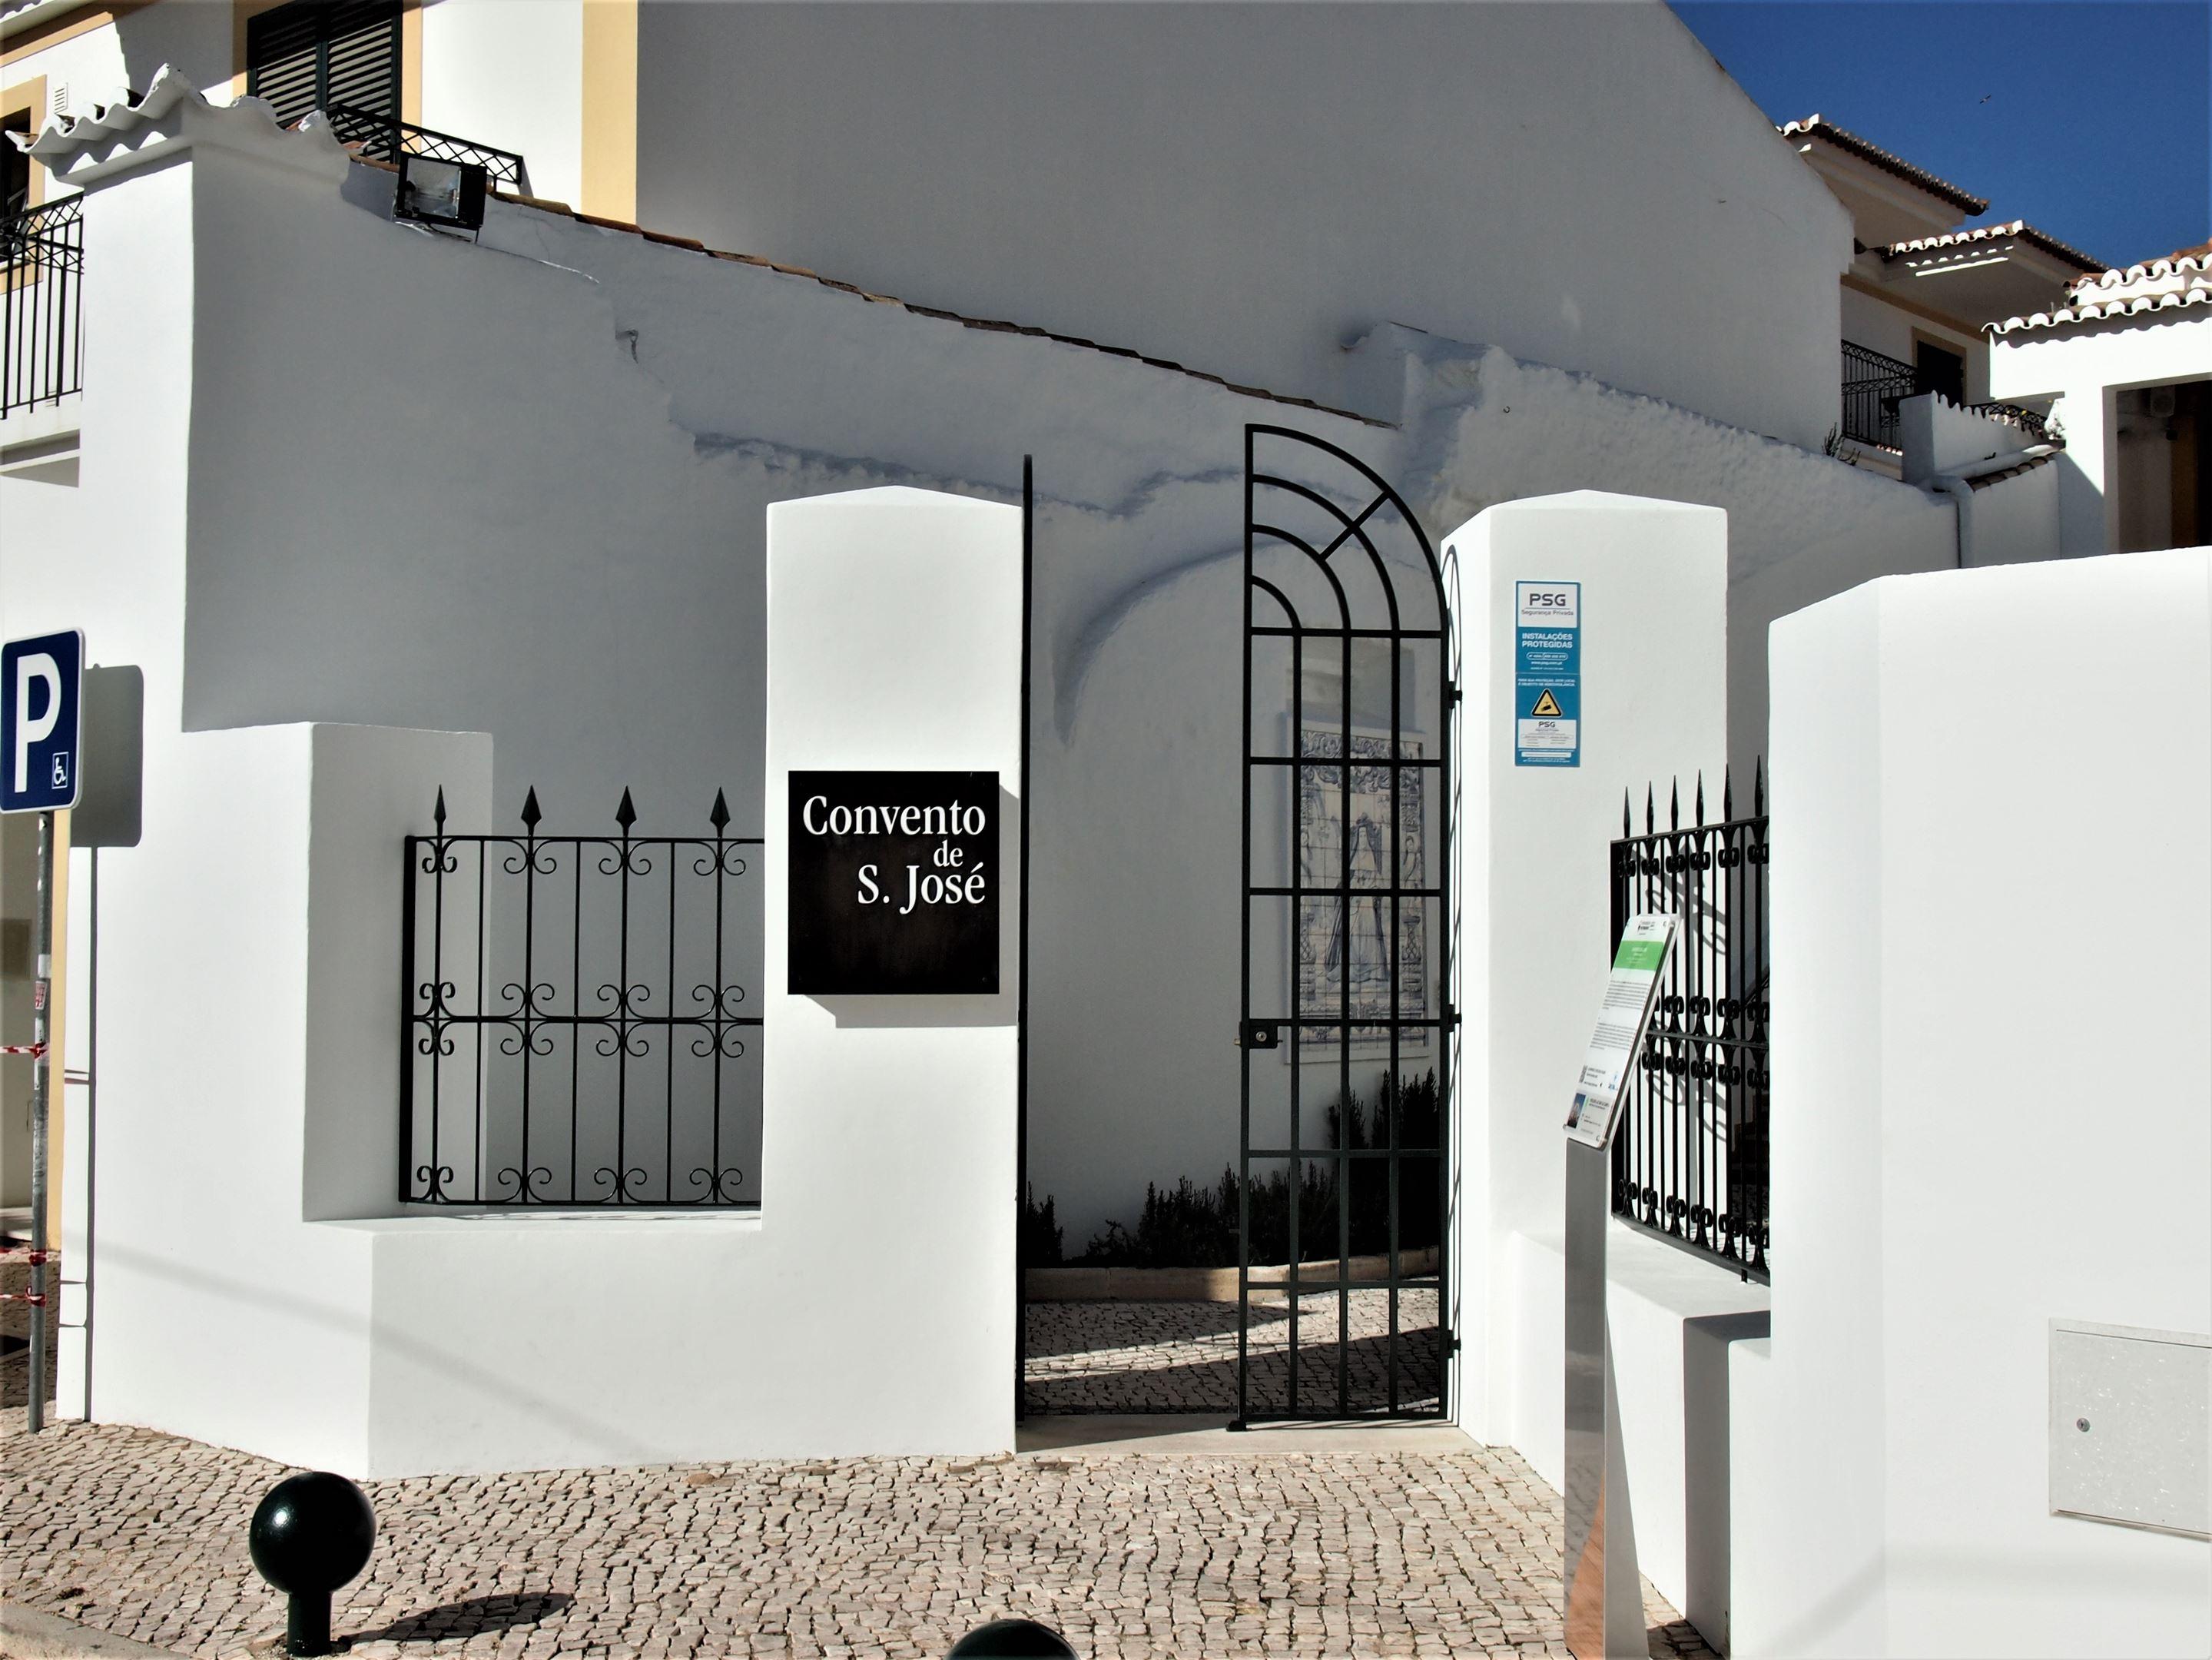 Entrance to the Convento de São José (Convent of St. Joseph) Lagoa, Algarve